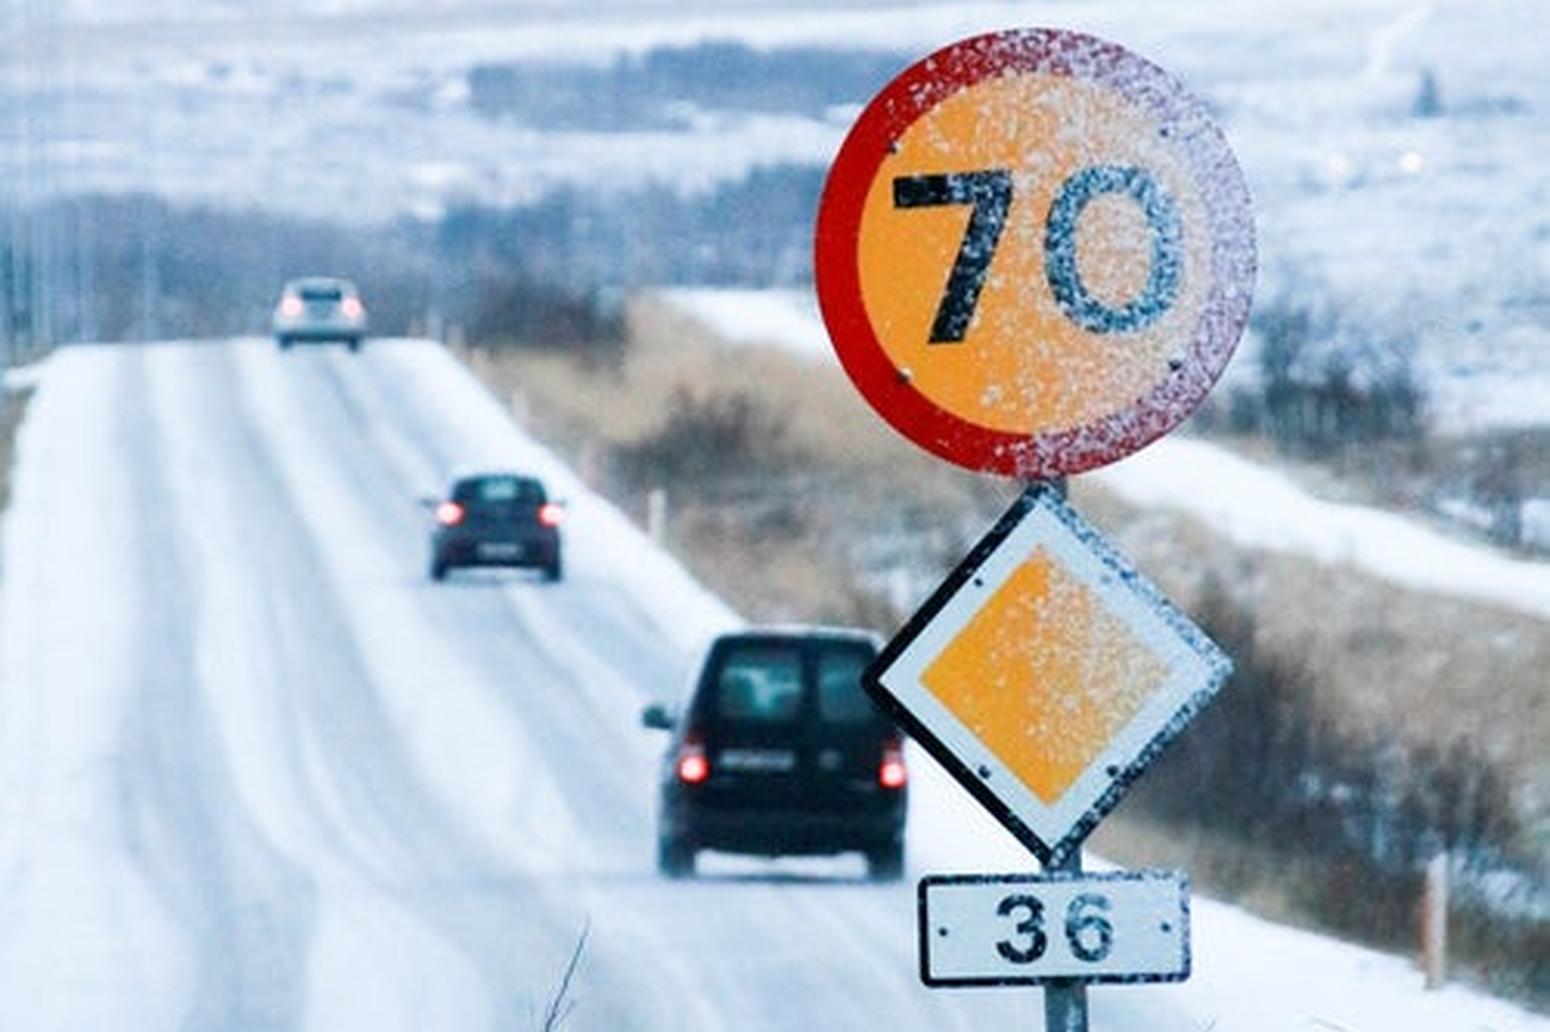 I limiti di velocità vanno segnalati dopo ogni intersezione